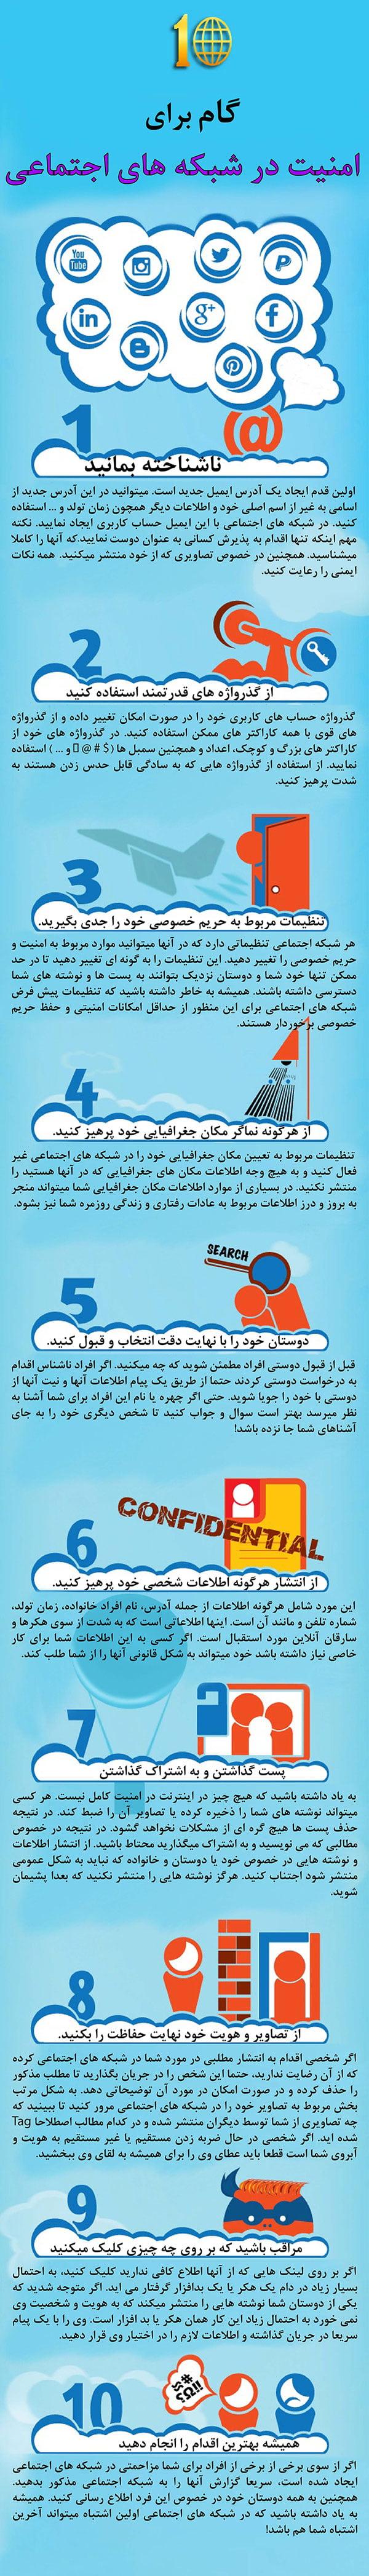 اینفوگرافی 10 گام برای امنیت در شبکه های اجتماعی title=